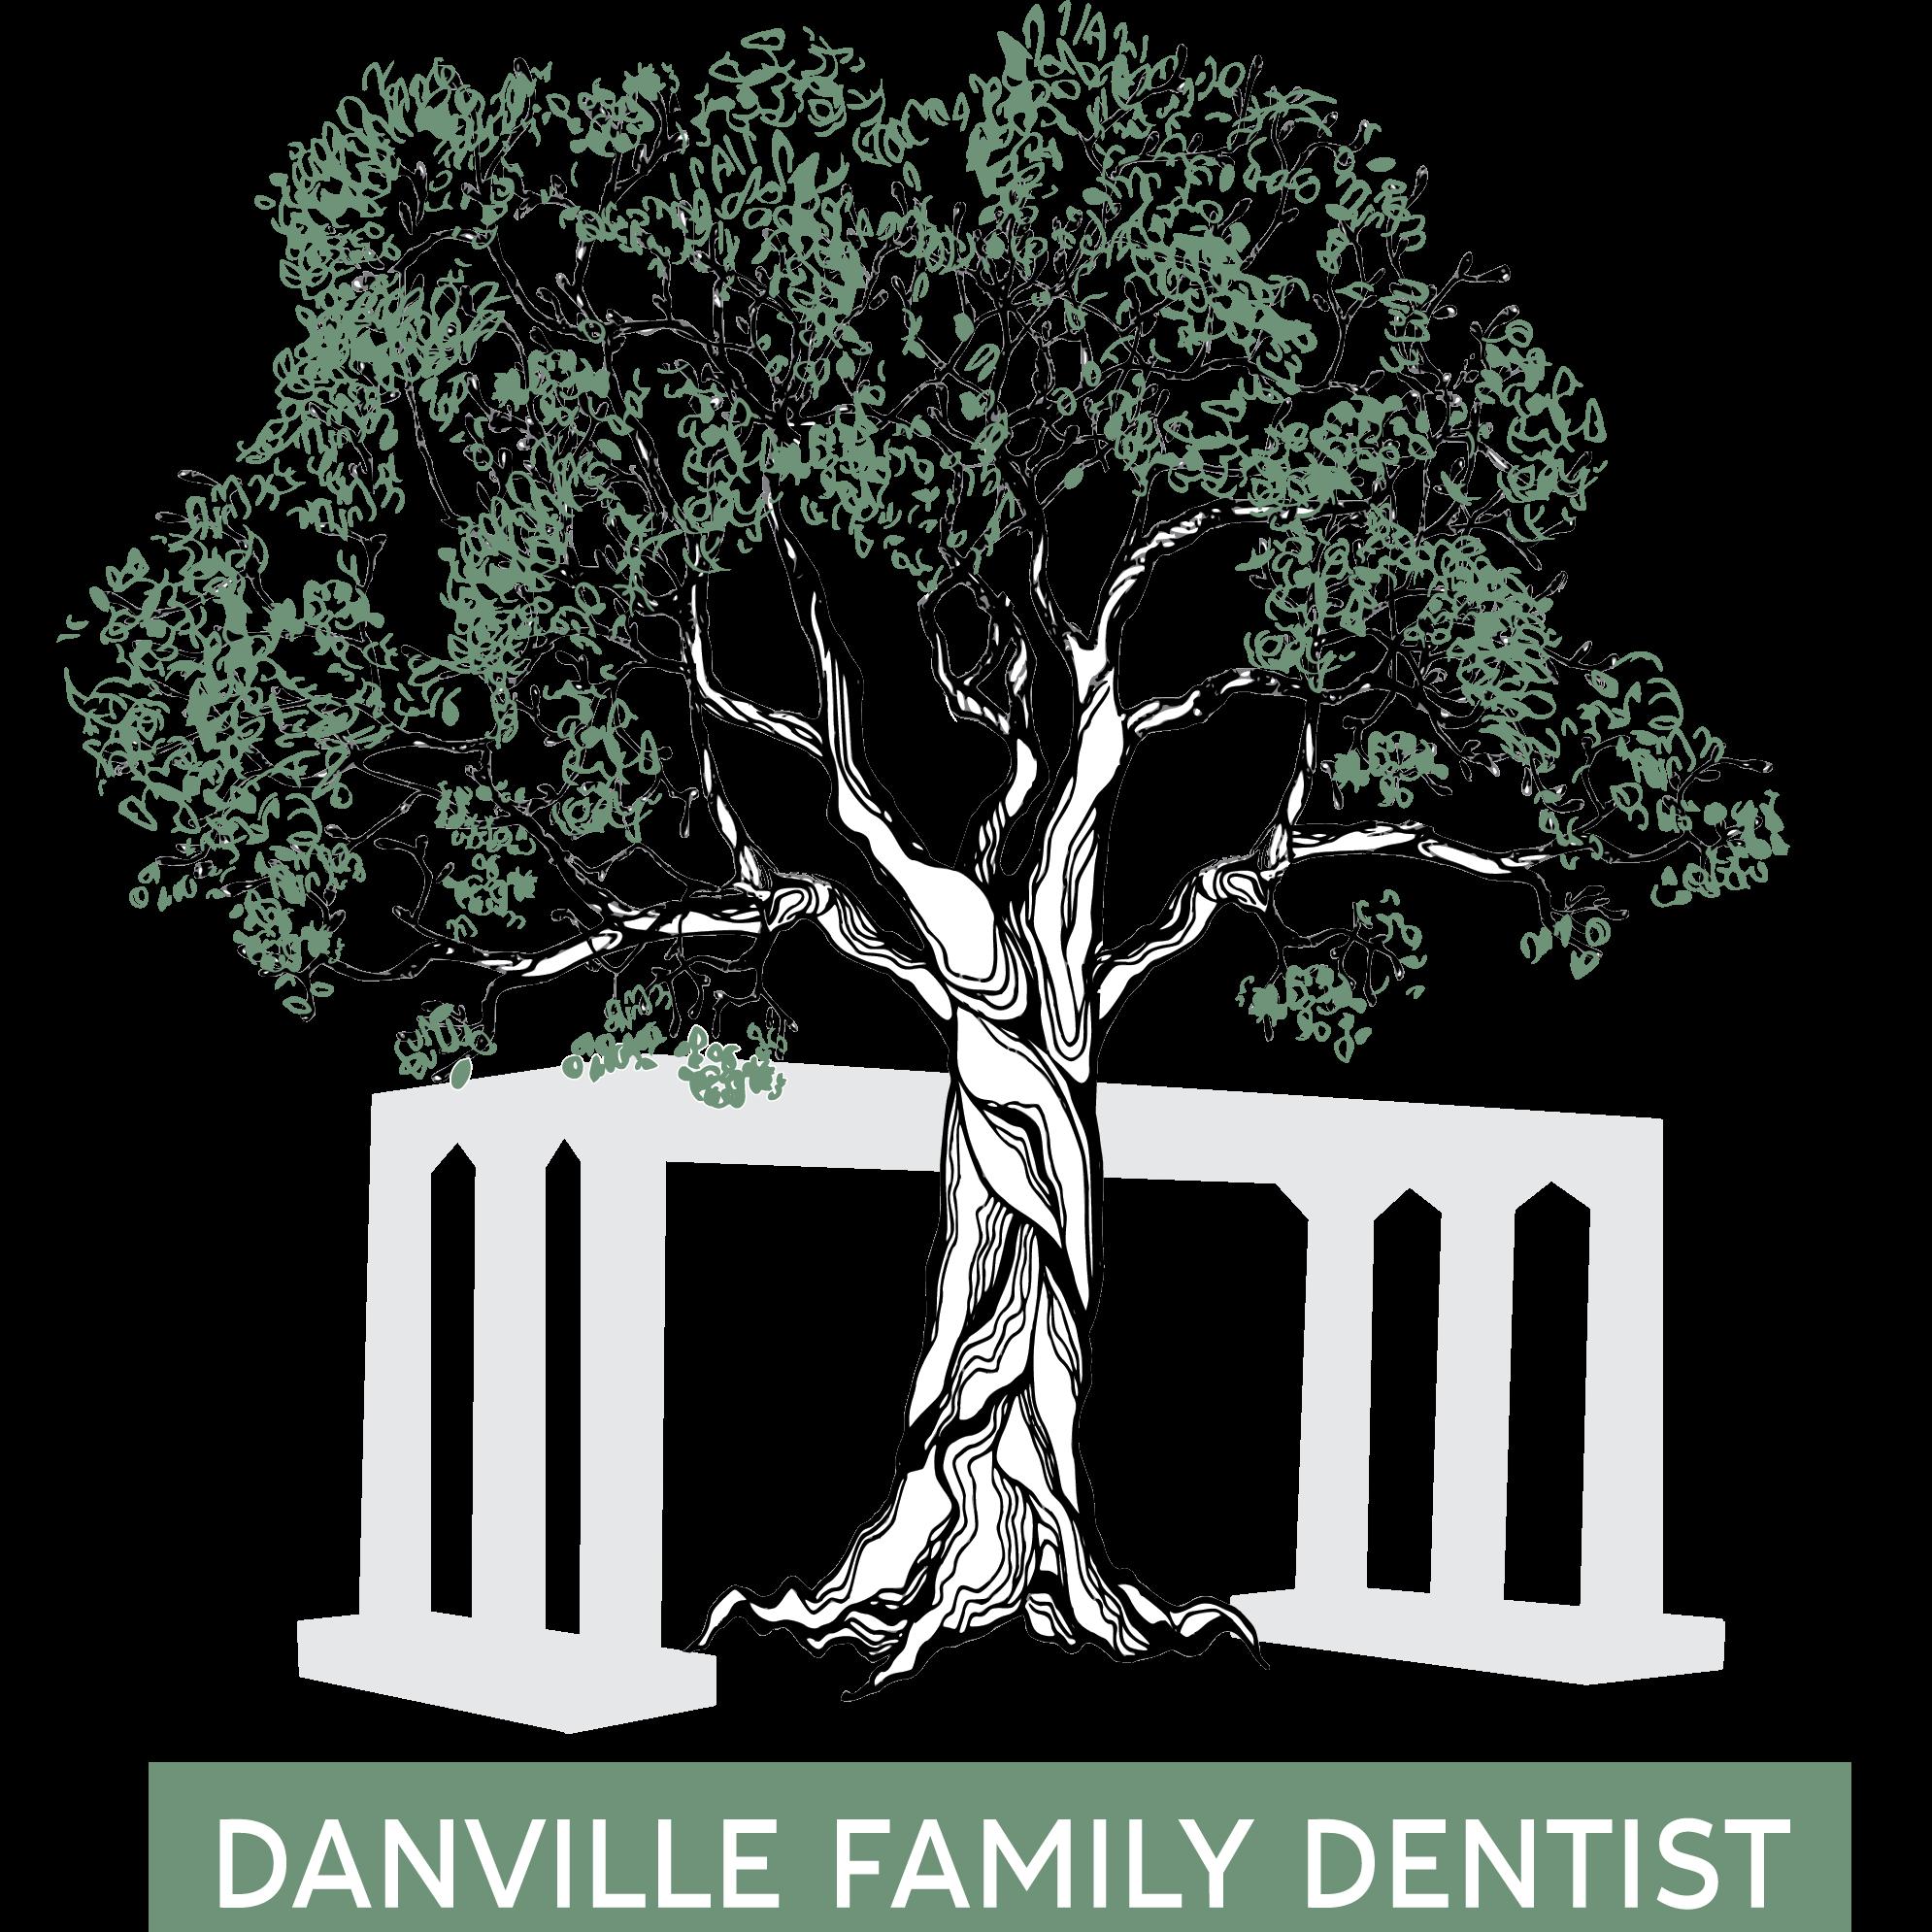 Danville Family Dentist